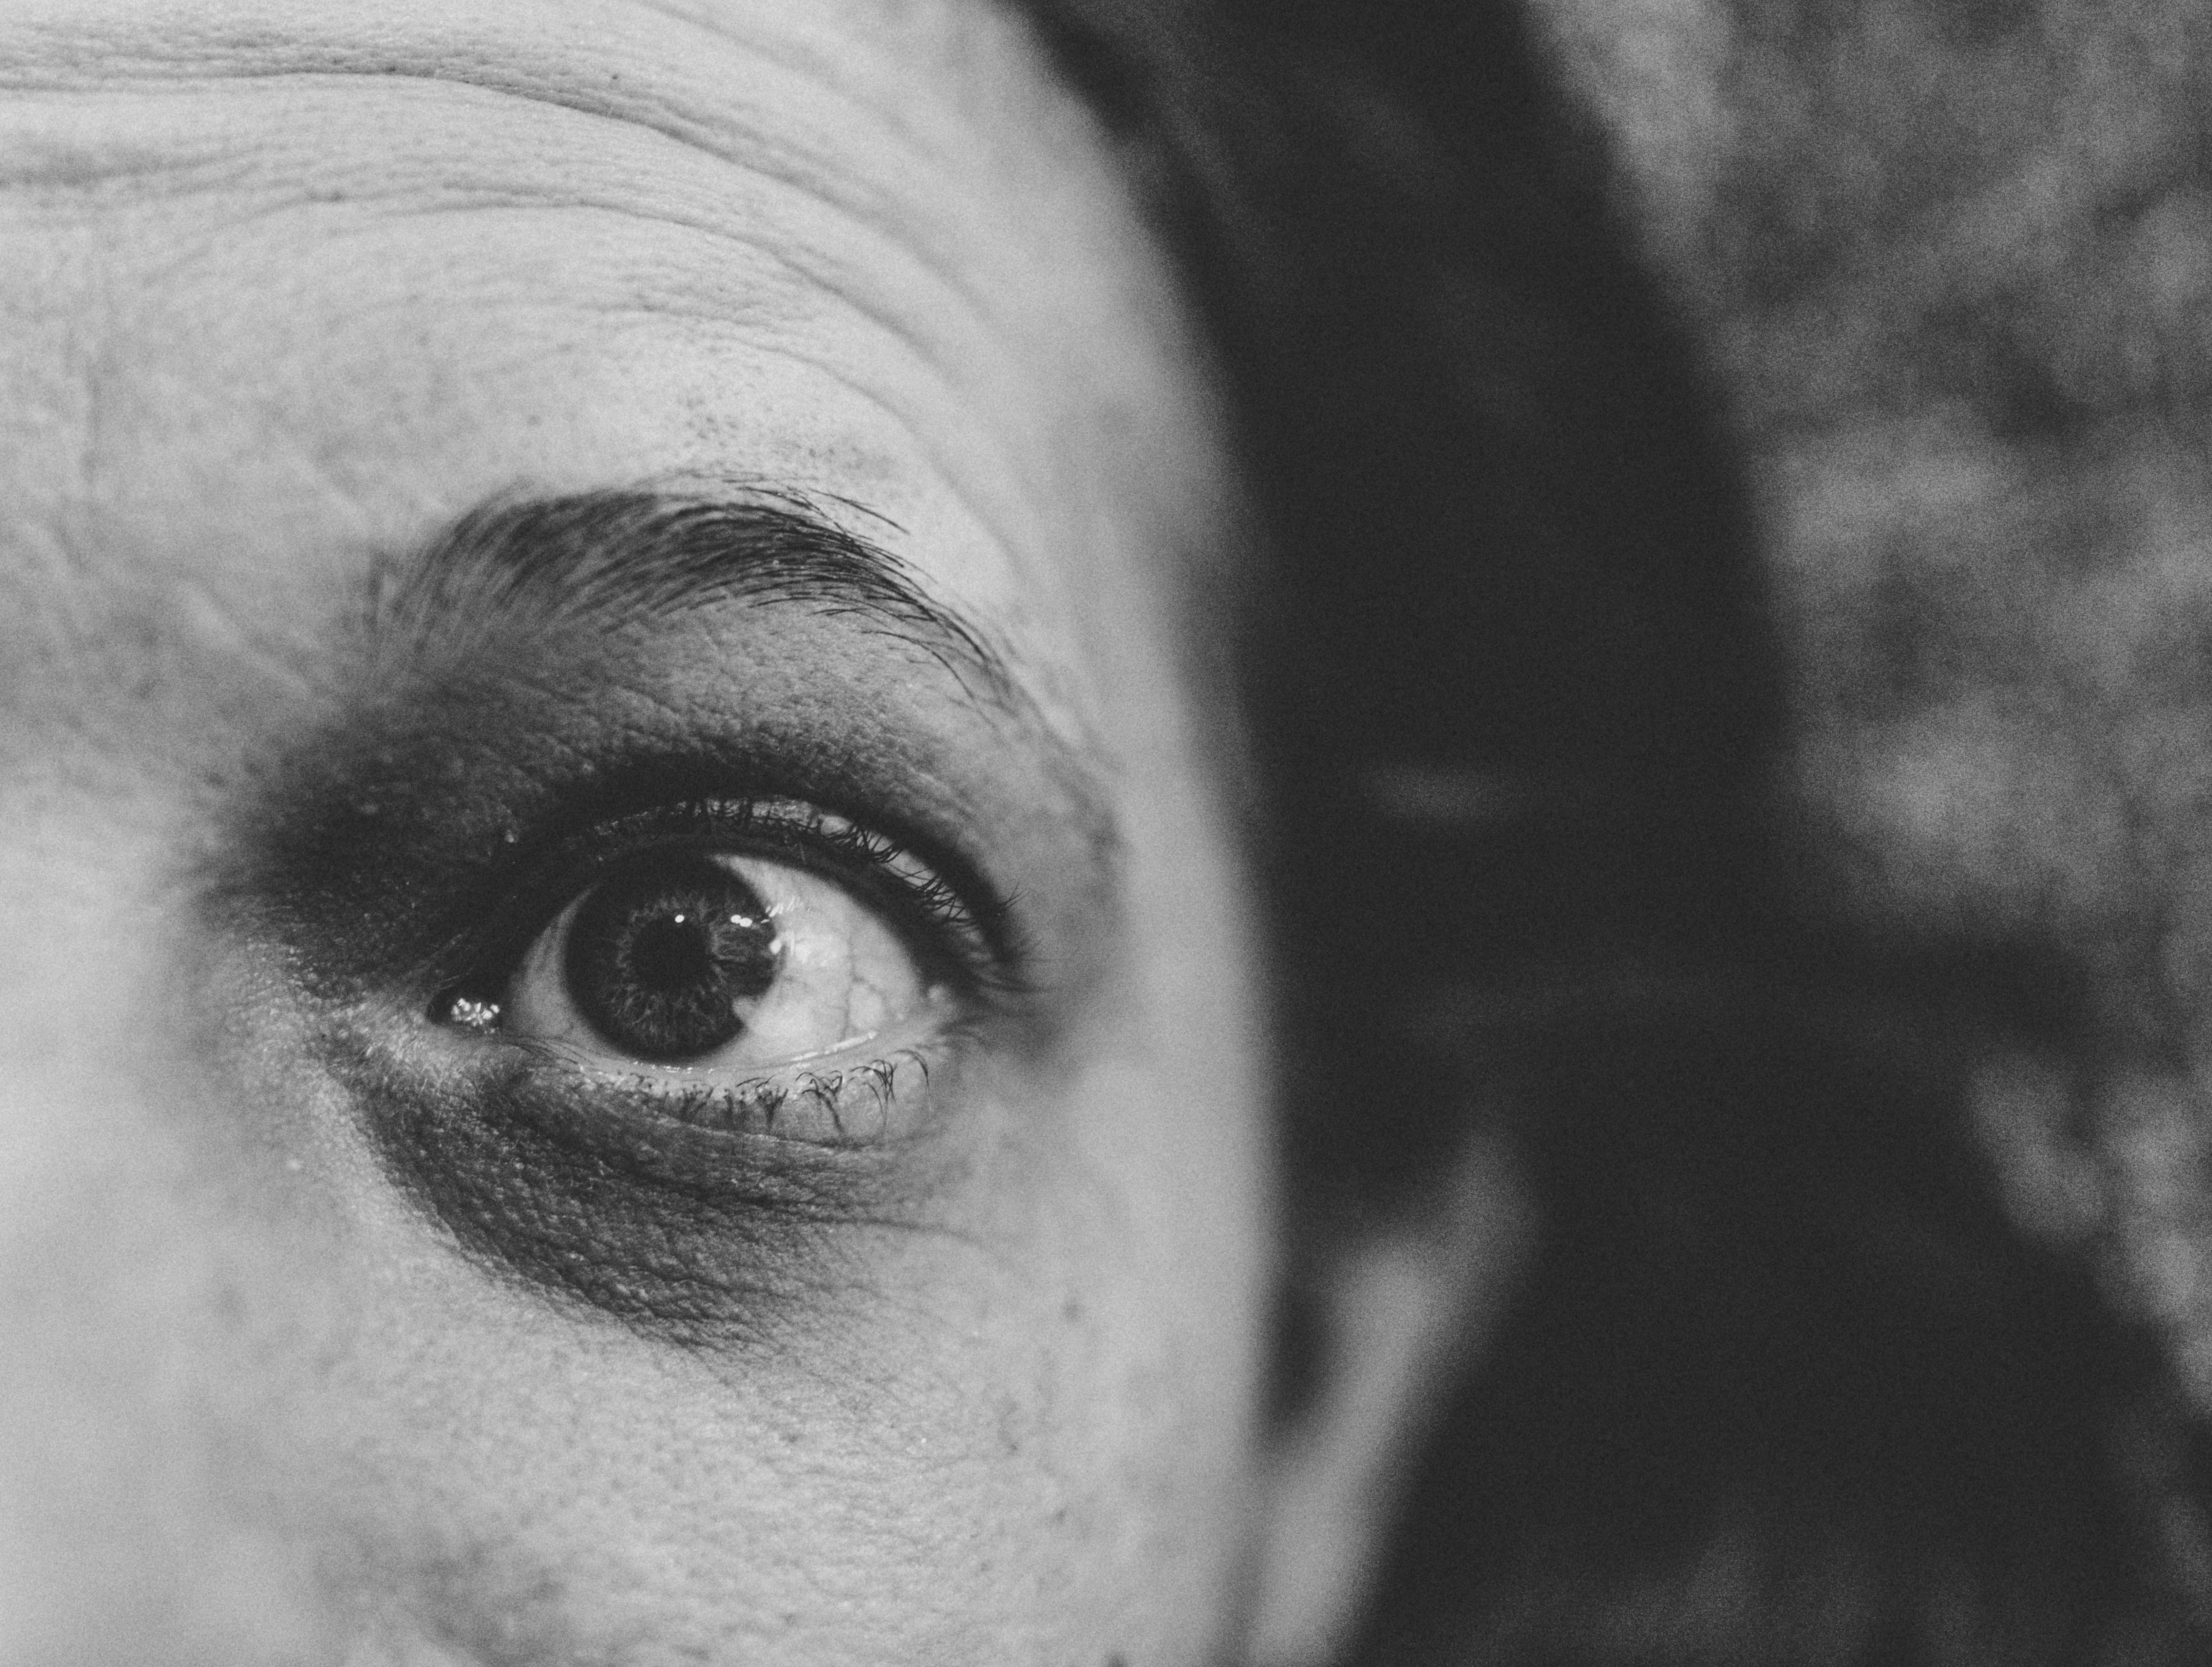 ტრავმის წყარო შეიძლება ძლიერი შიშის განცდა გახდეს